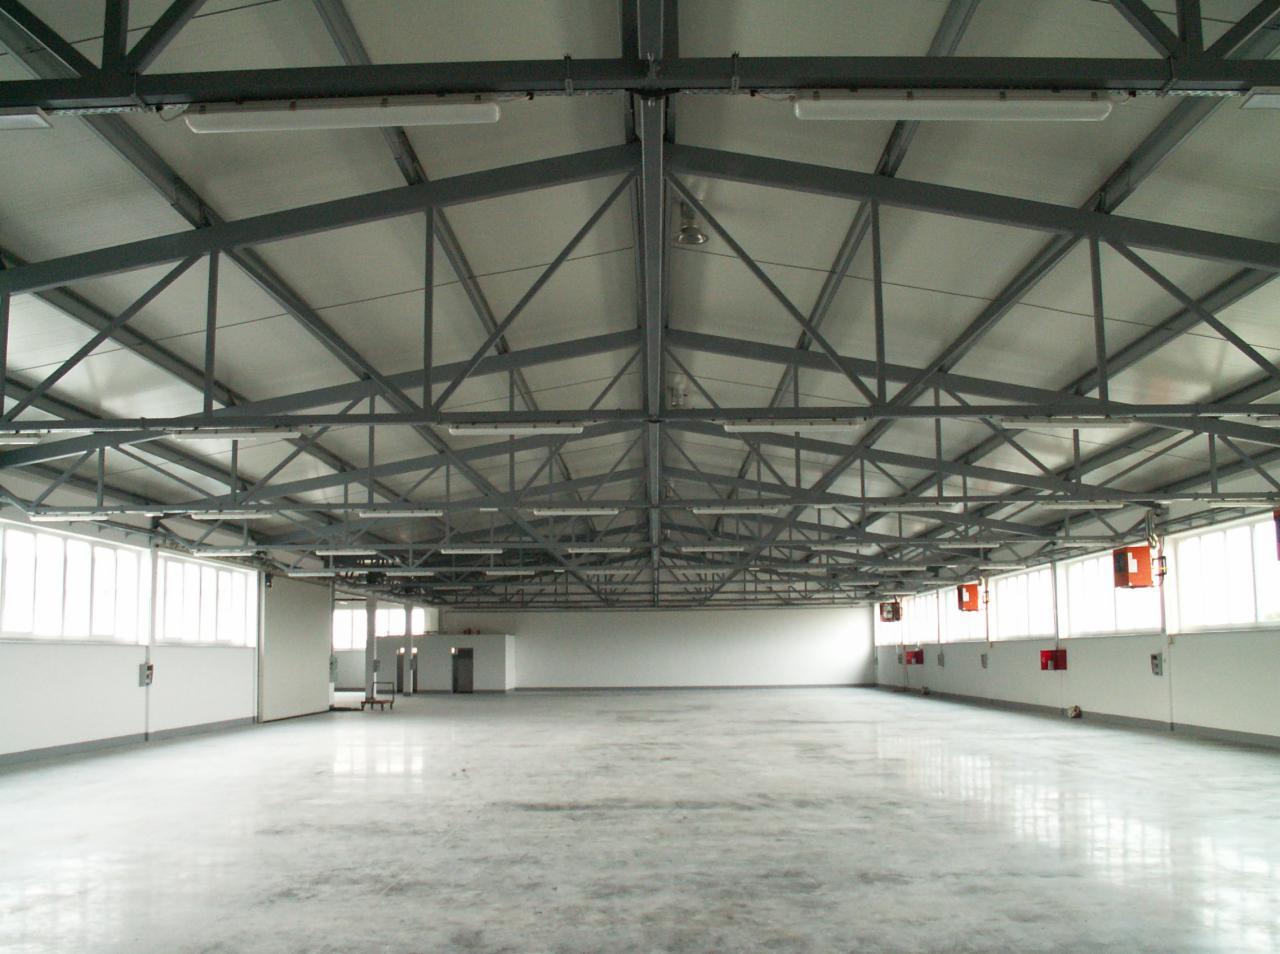 Ogromny WIATA,HALA,MAGAZYN,KONSTRUKCJA w cenie 99,00 zł/m2 - Oferta nr YM13